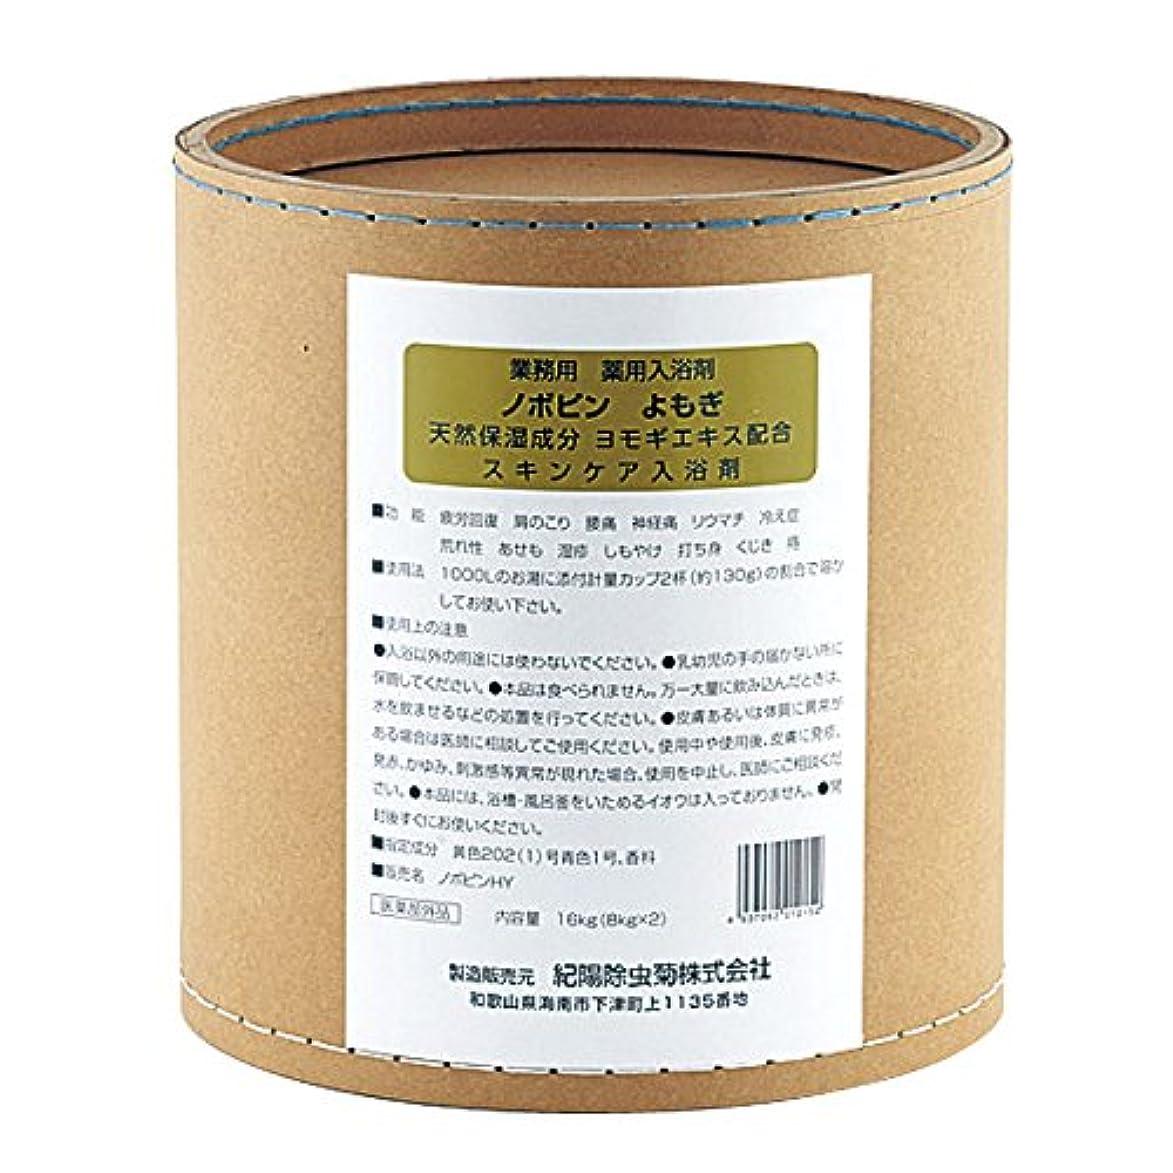 バイパス保安認可業務用入浴剤ノボピンよもぎ16kg(8kg*2)